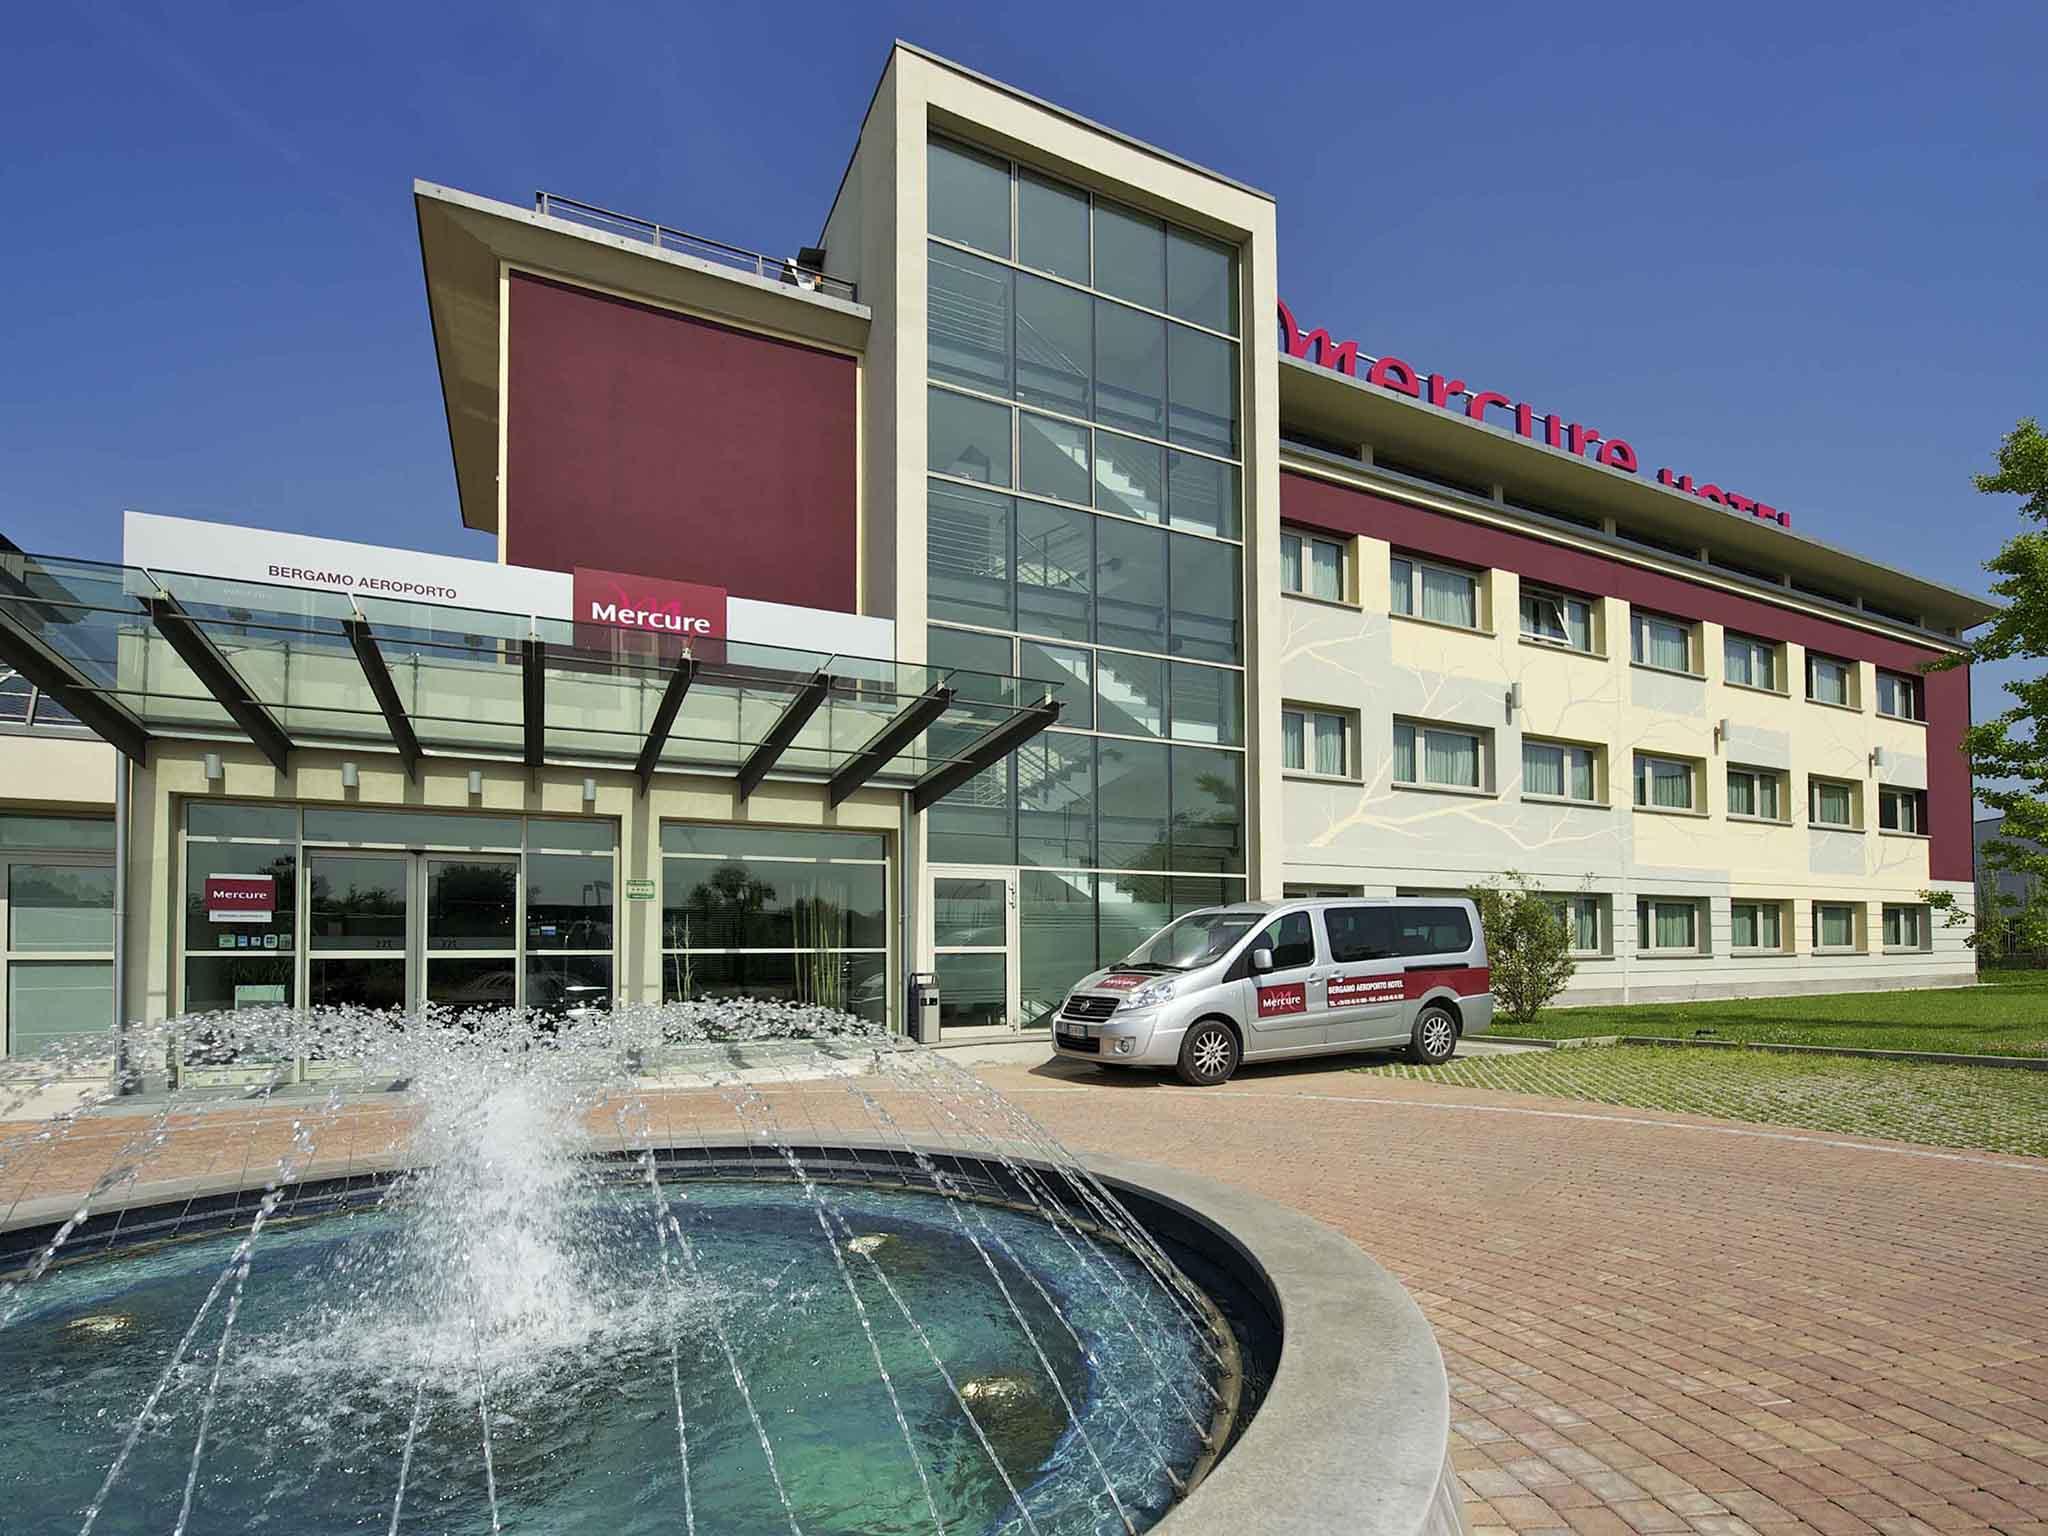 Hotell – Mercure Bergamo Aeroporto